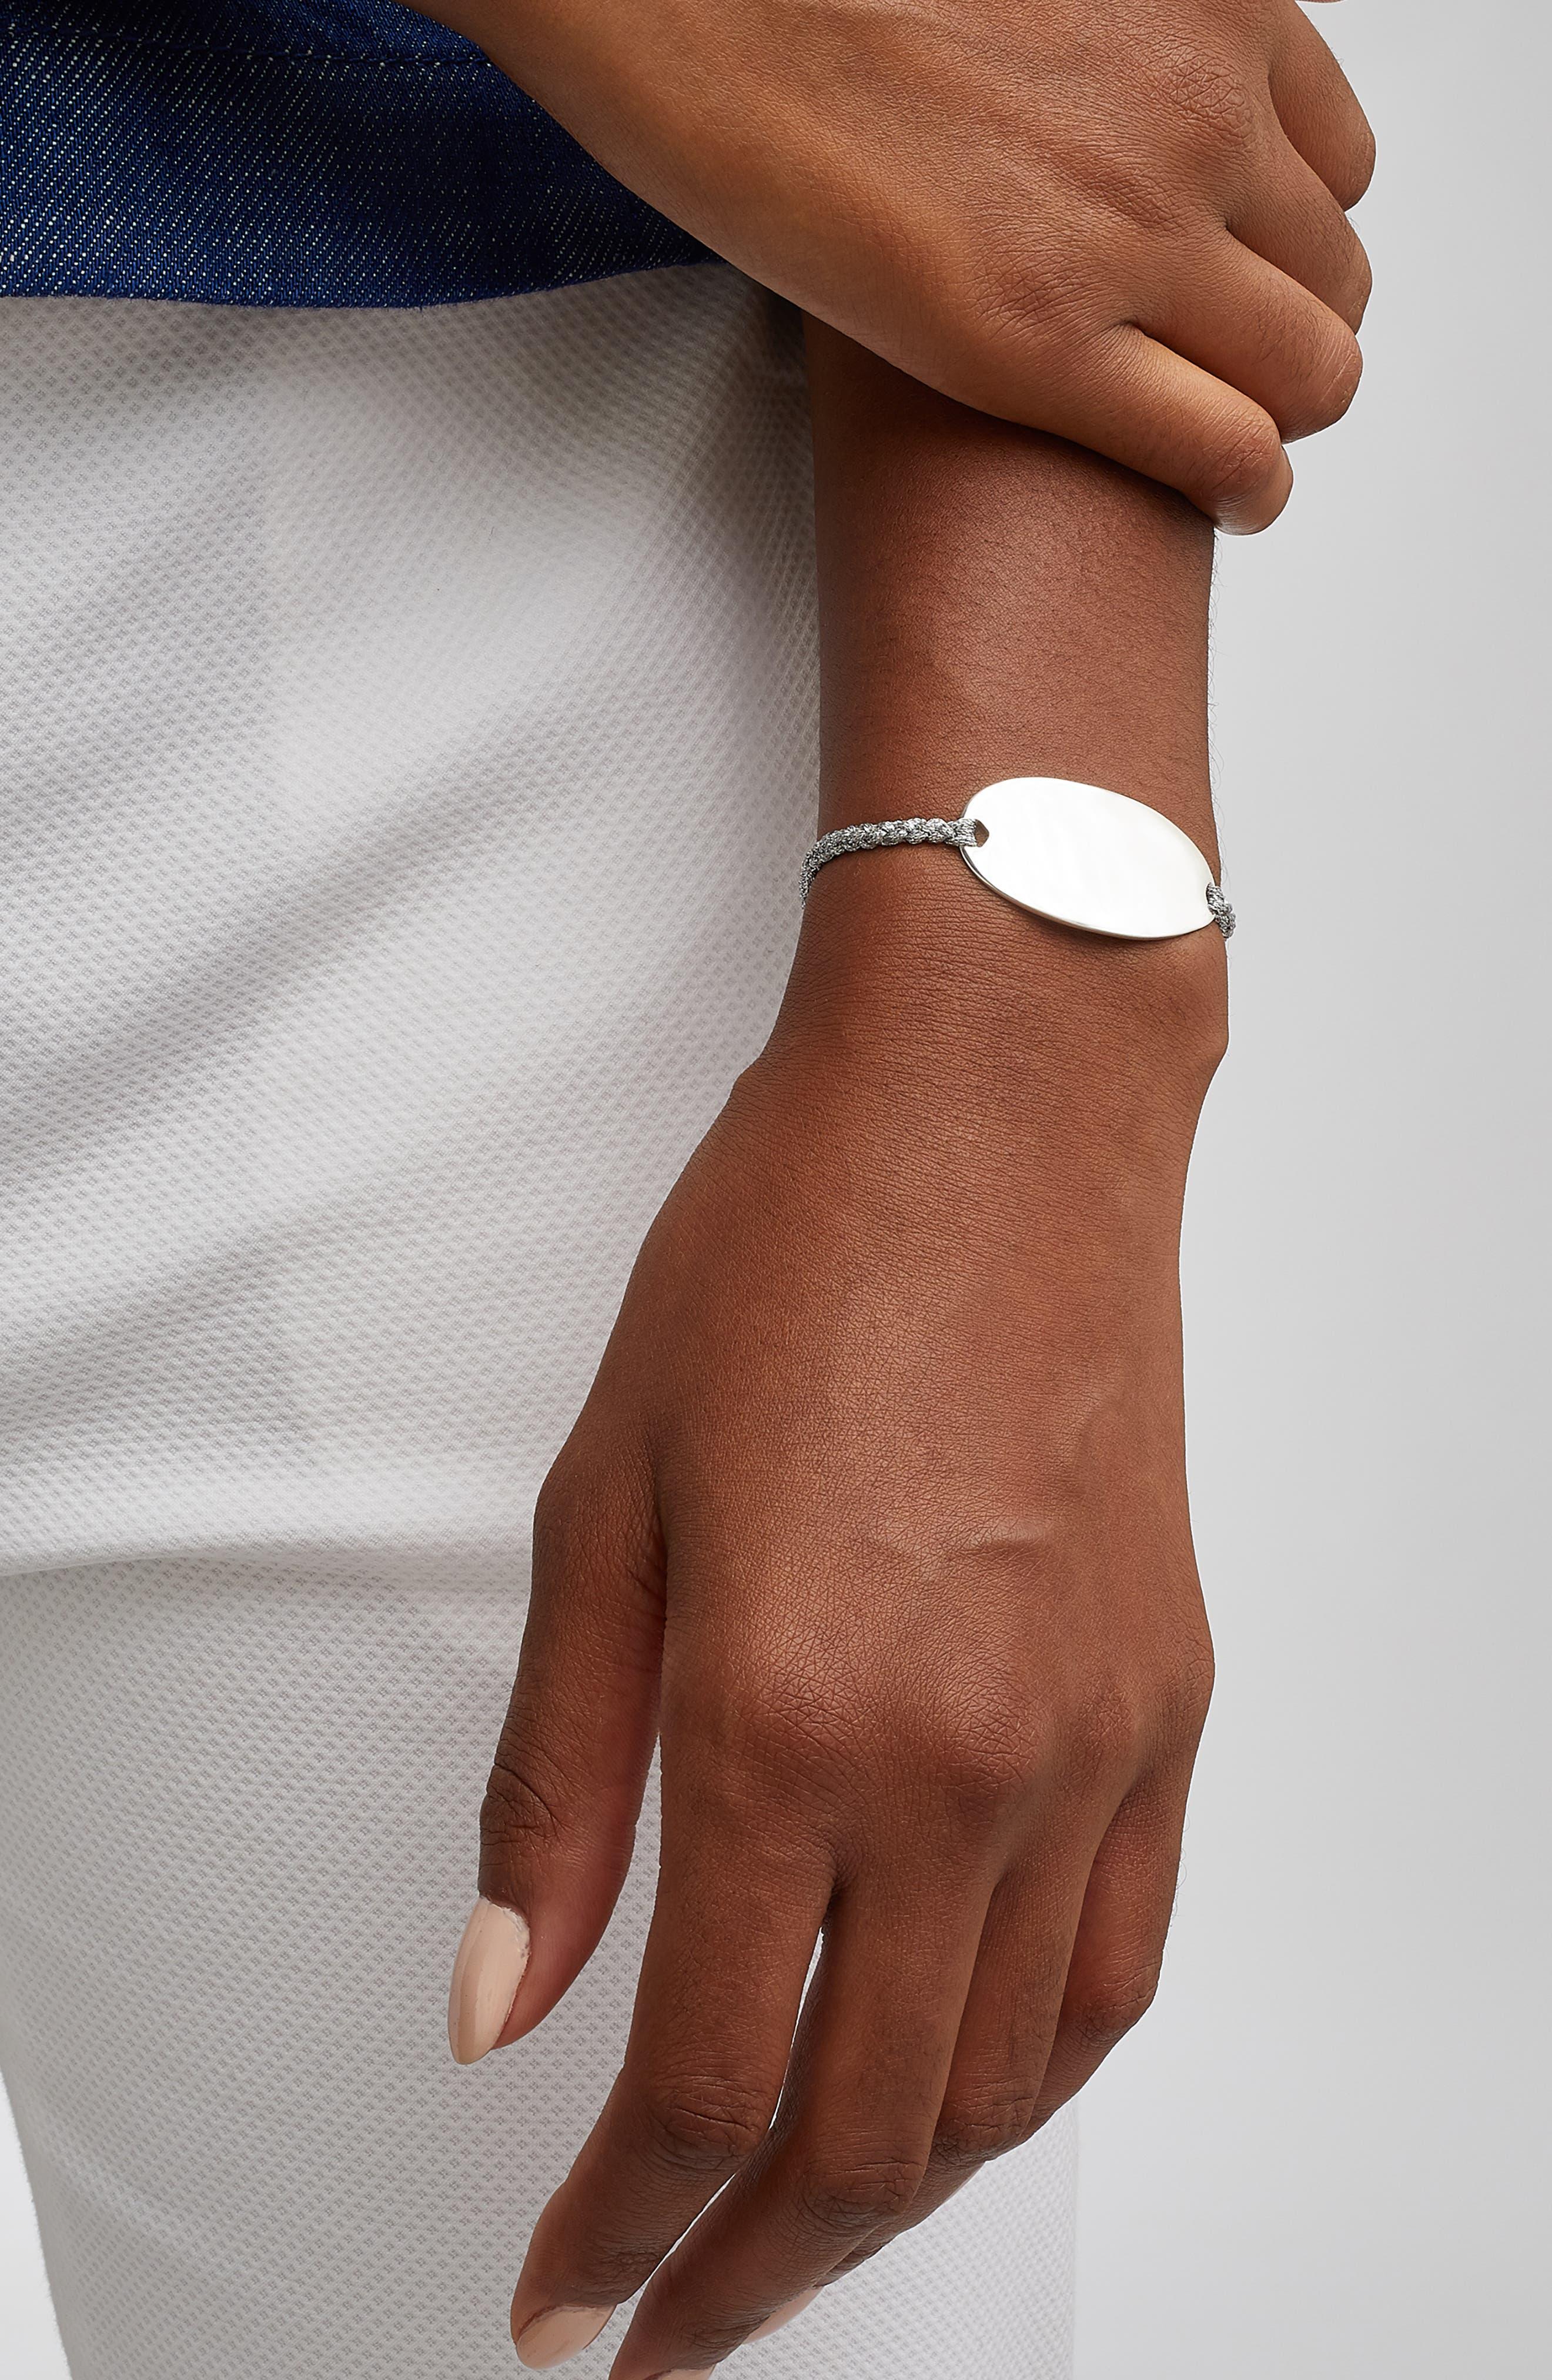 Engravable Nura Friendship Bracelet,                             Alternate thumbnail 5, color,                             Silver